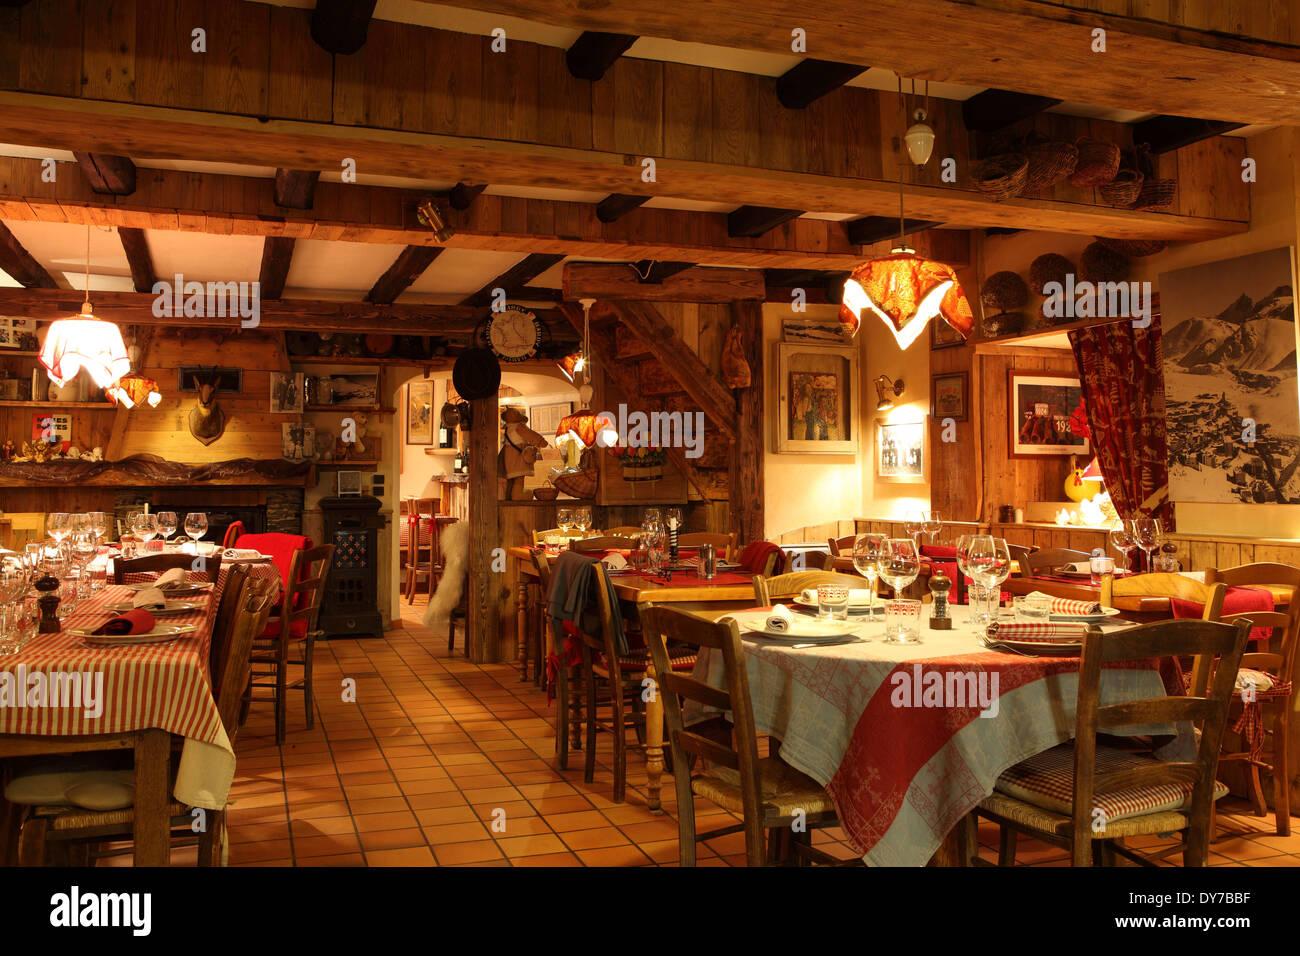 The Au P'tit Creux restaurant in Alpe d'Huez, France. - Stock Image